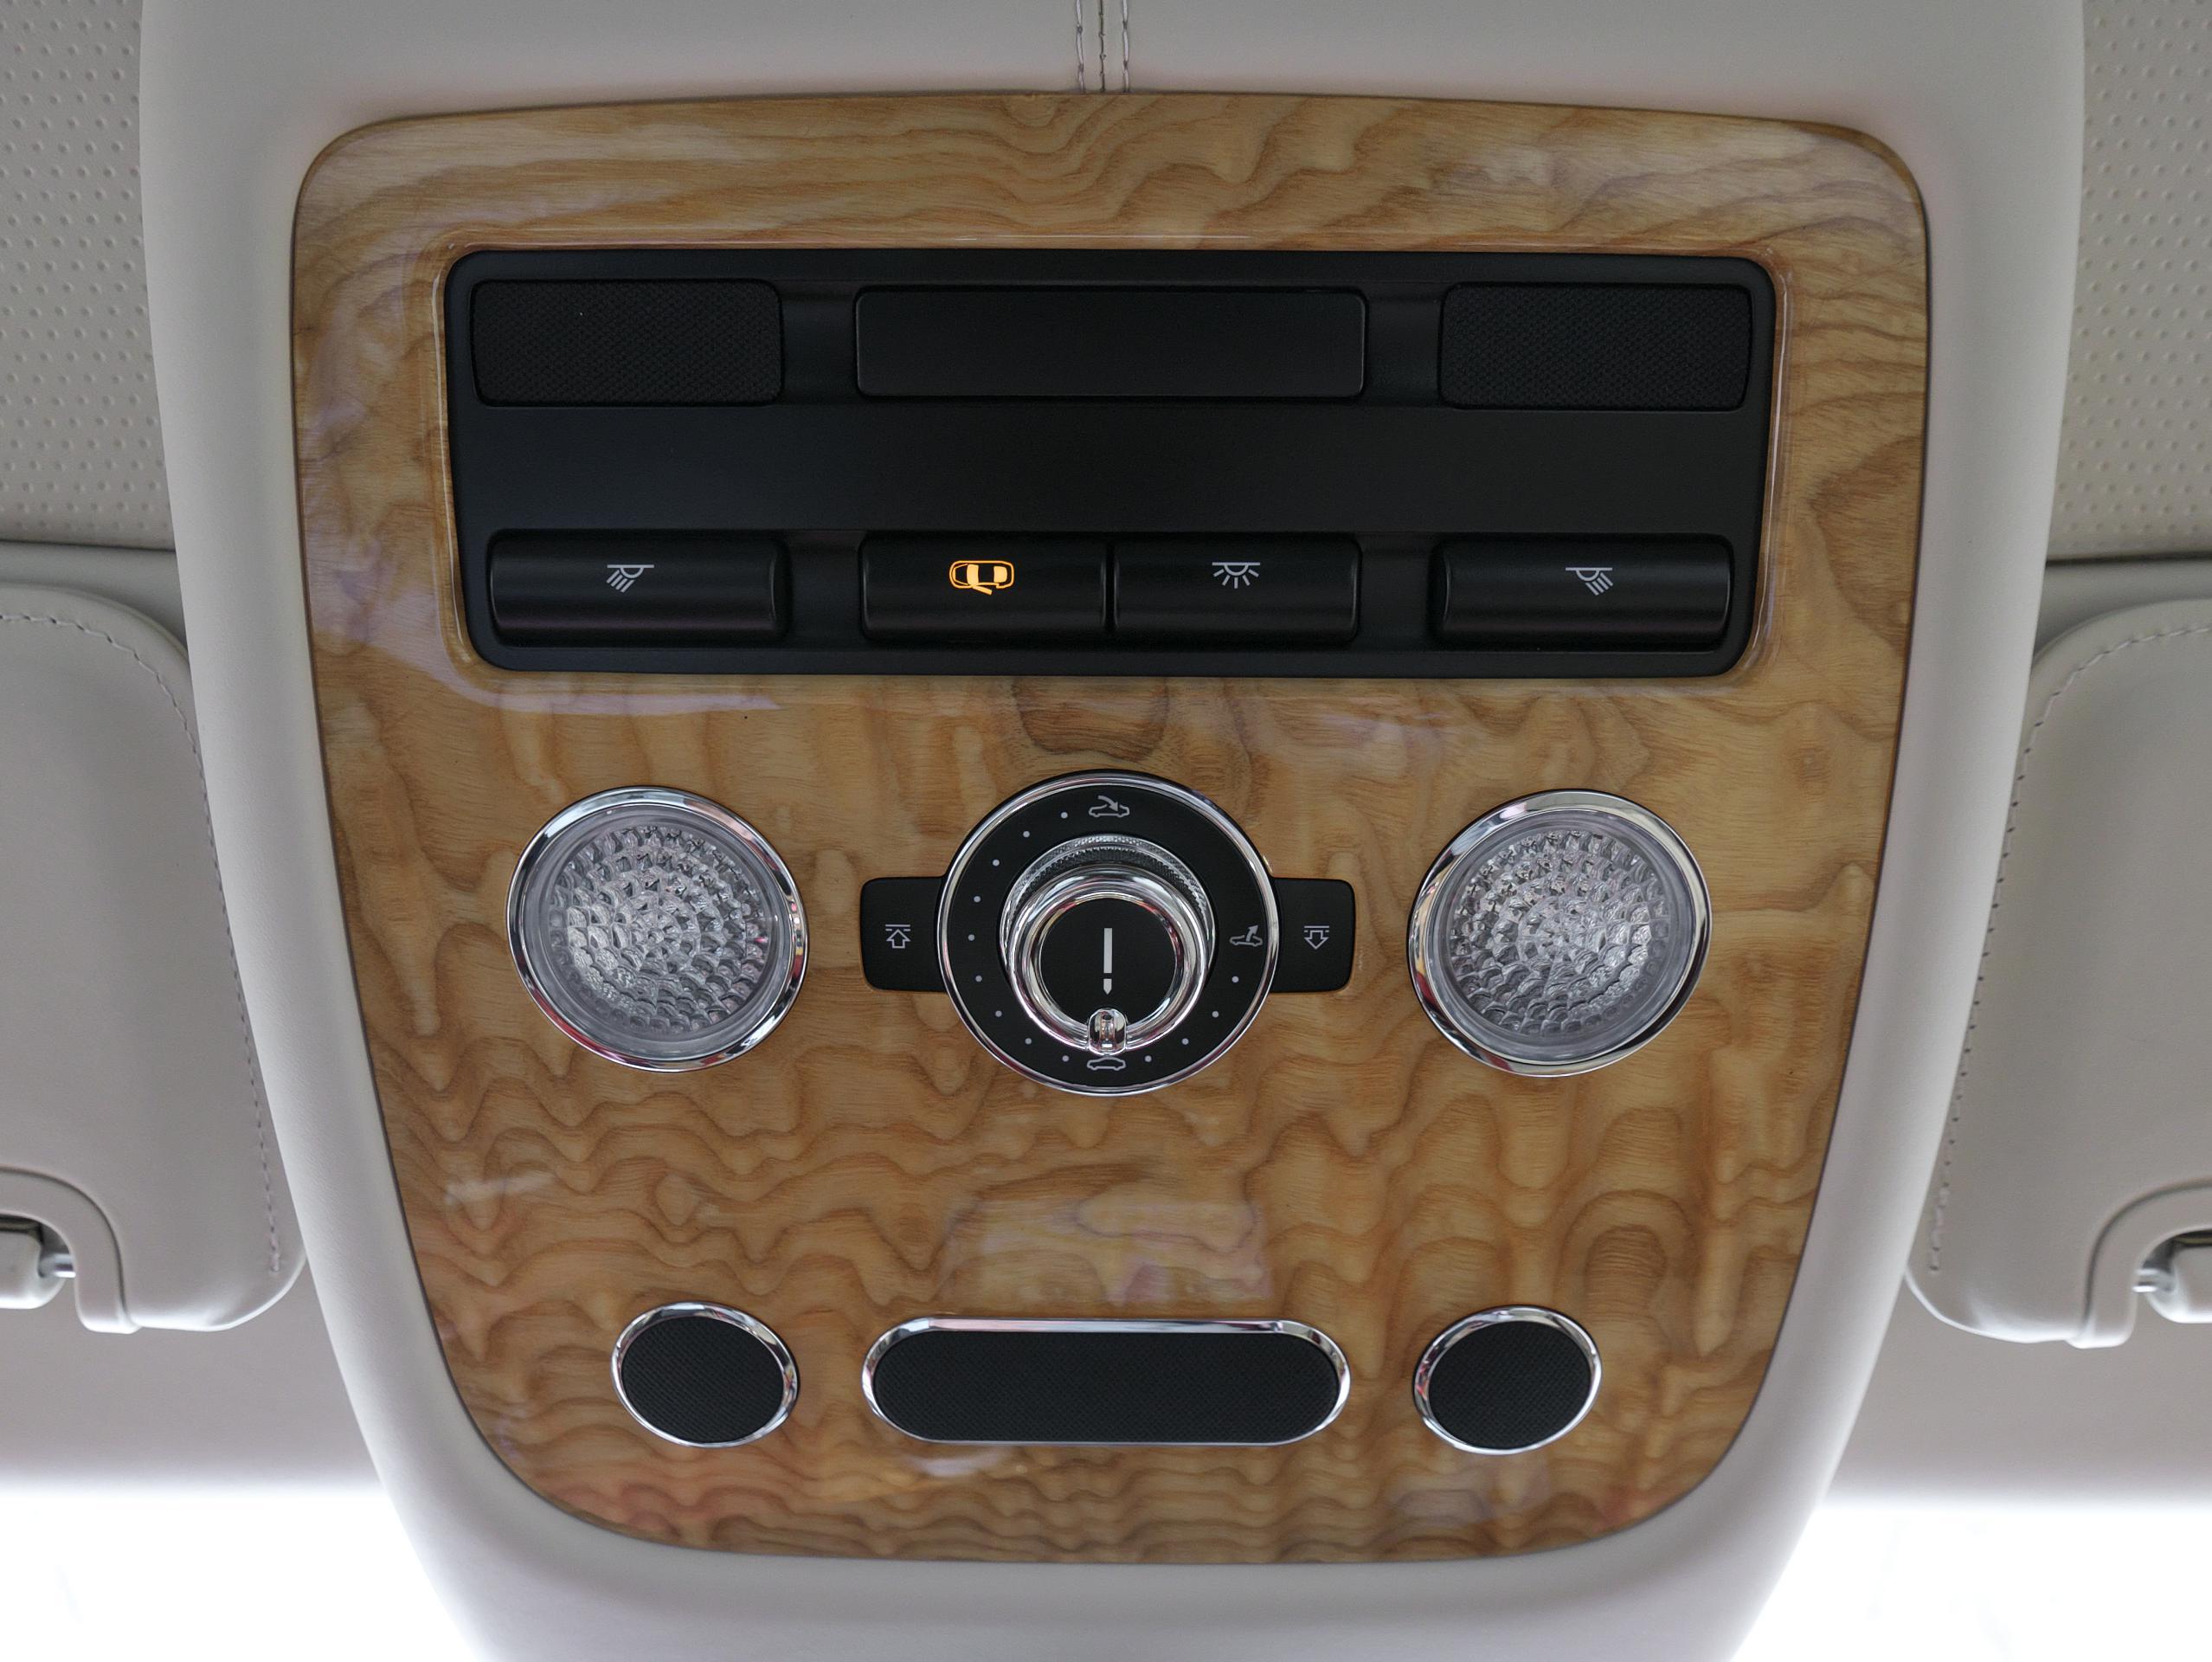 ベントレー フライングスパー W12 オーバーヘッドコンソール